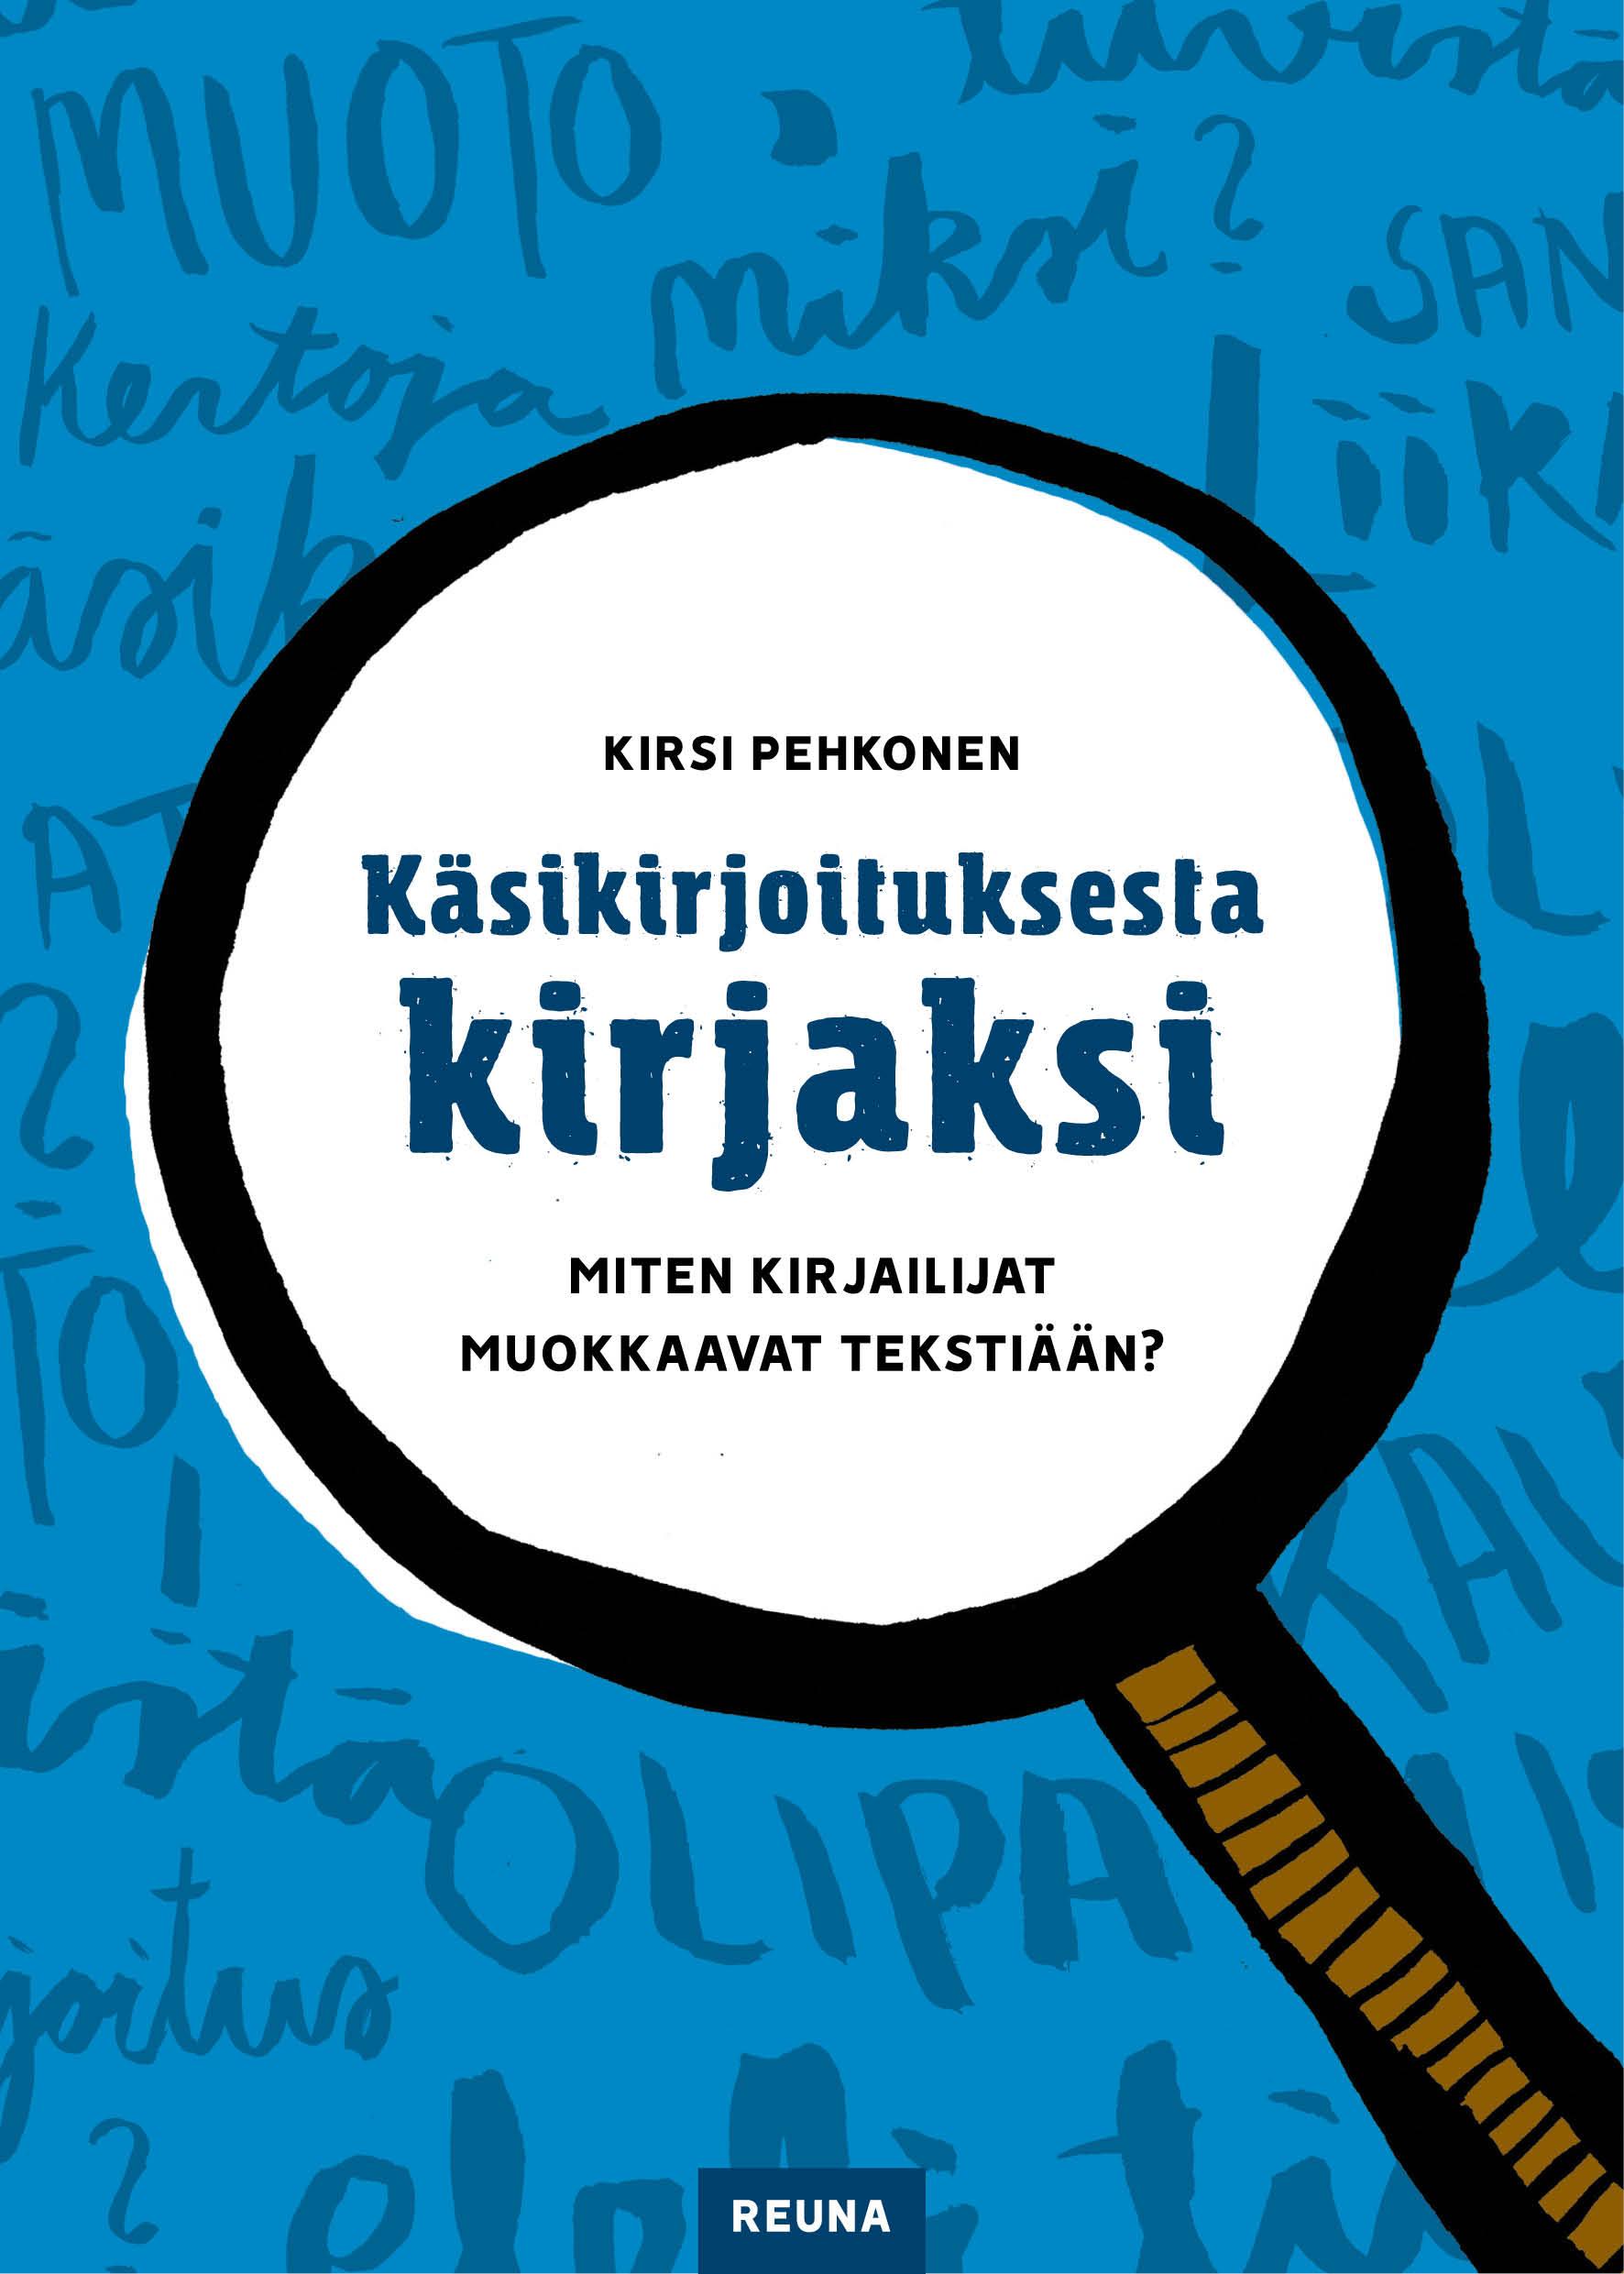 joulun 2018 kirjat Kirjat | kirsi pehkonen Kirjat | joulun 2018 kirjat